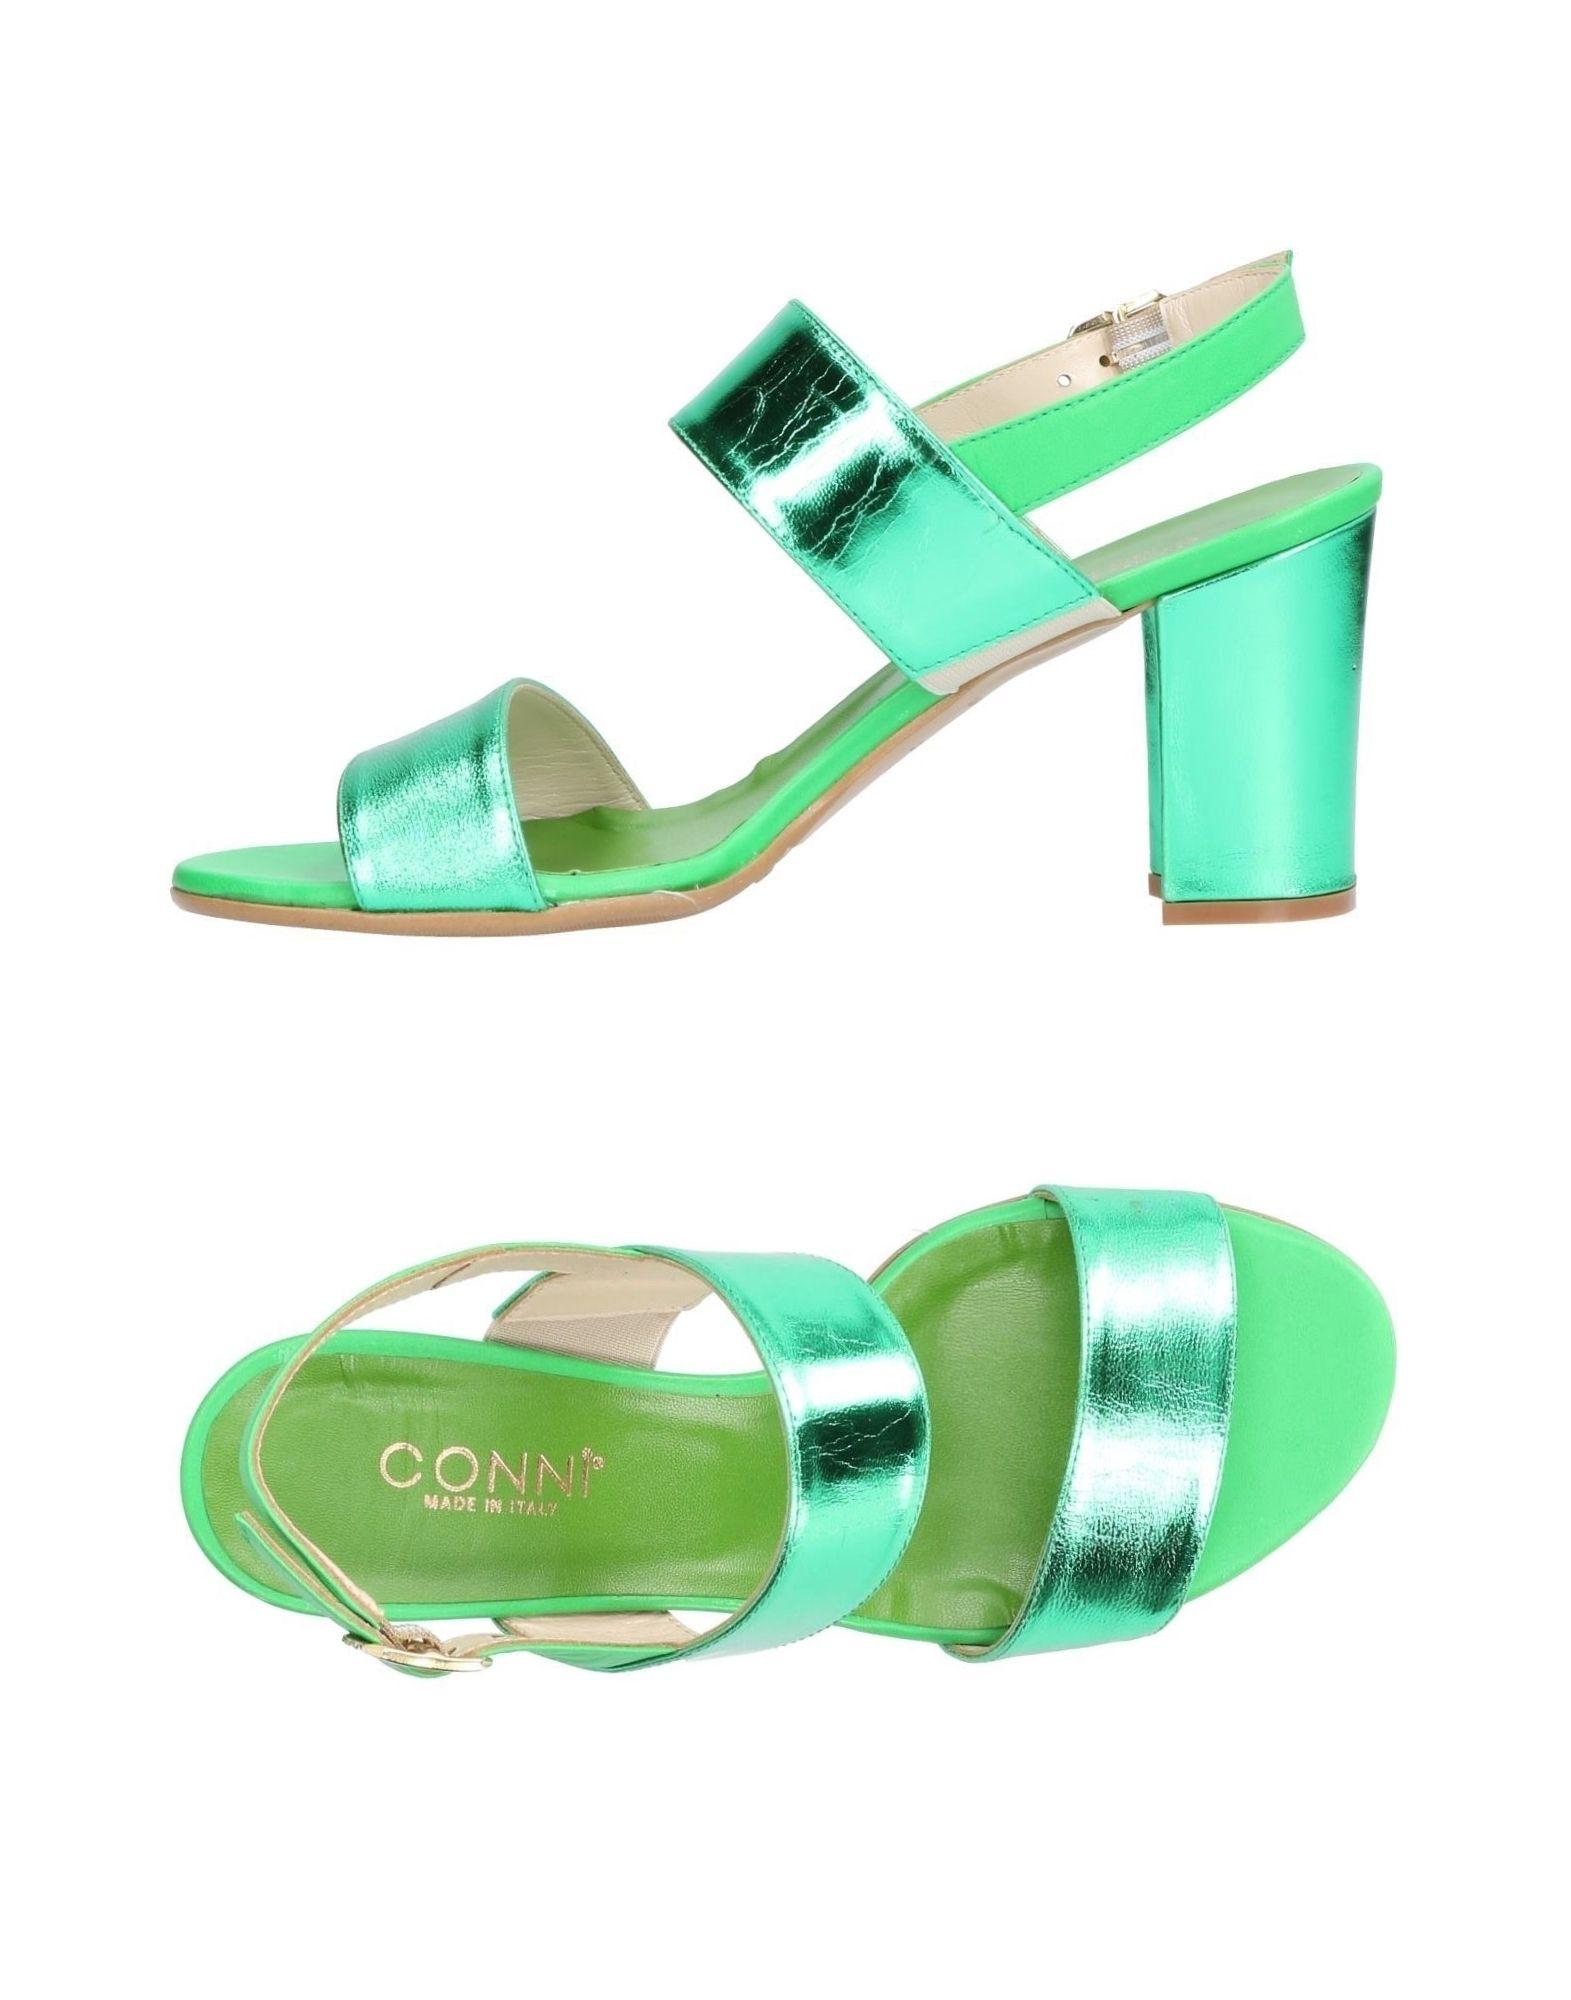 Conni Sandalen Damen  11412505GC Gute Qualität beliebte Schuhe Schuhe Schuhe 83b242